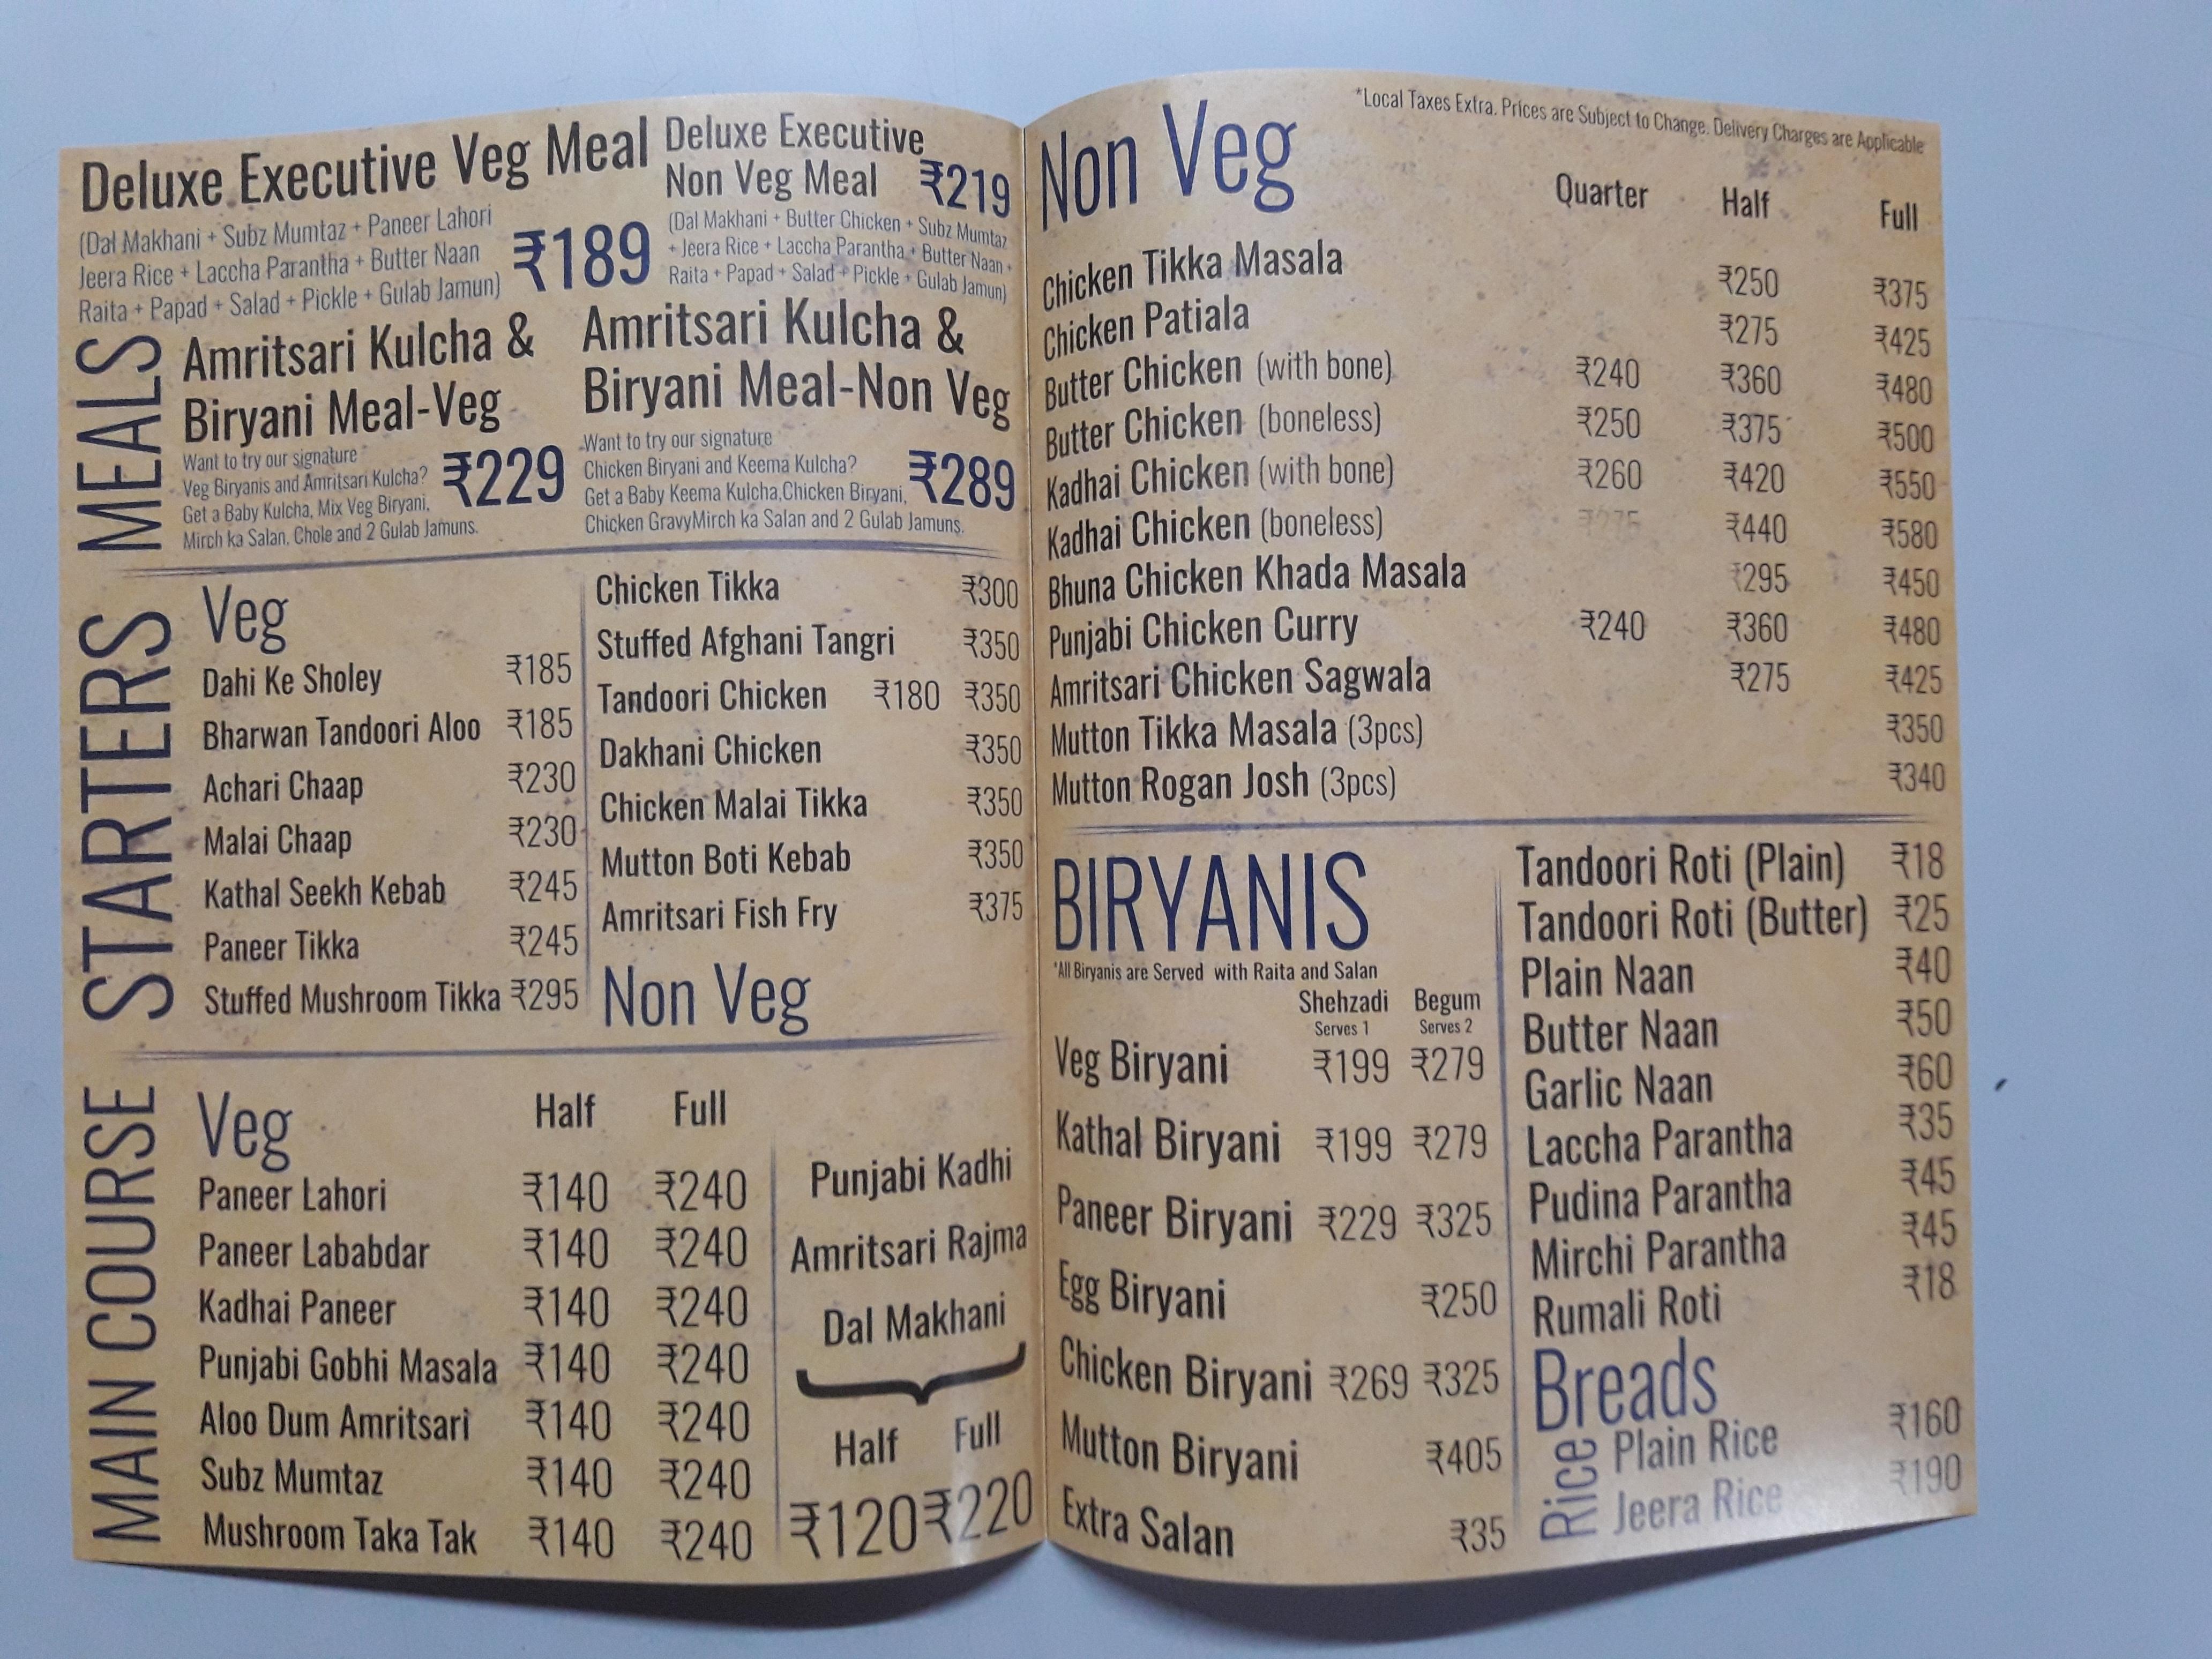 A4 size Restaurants menu